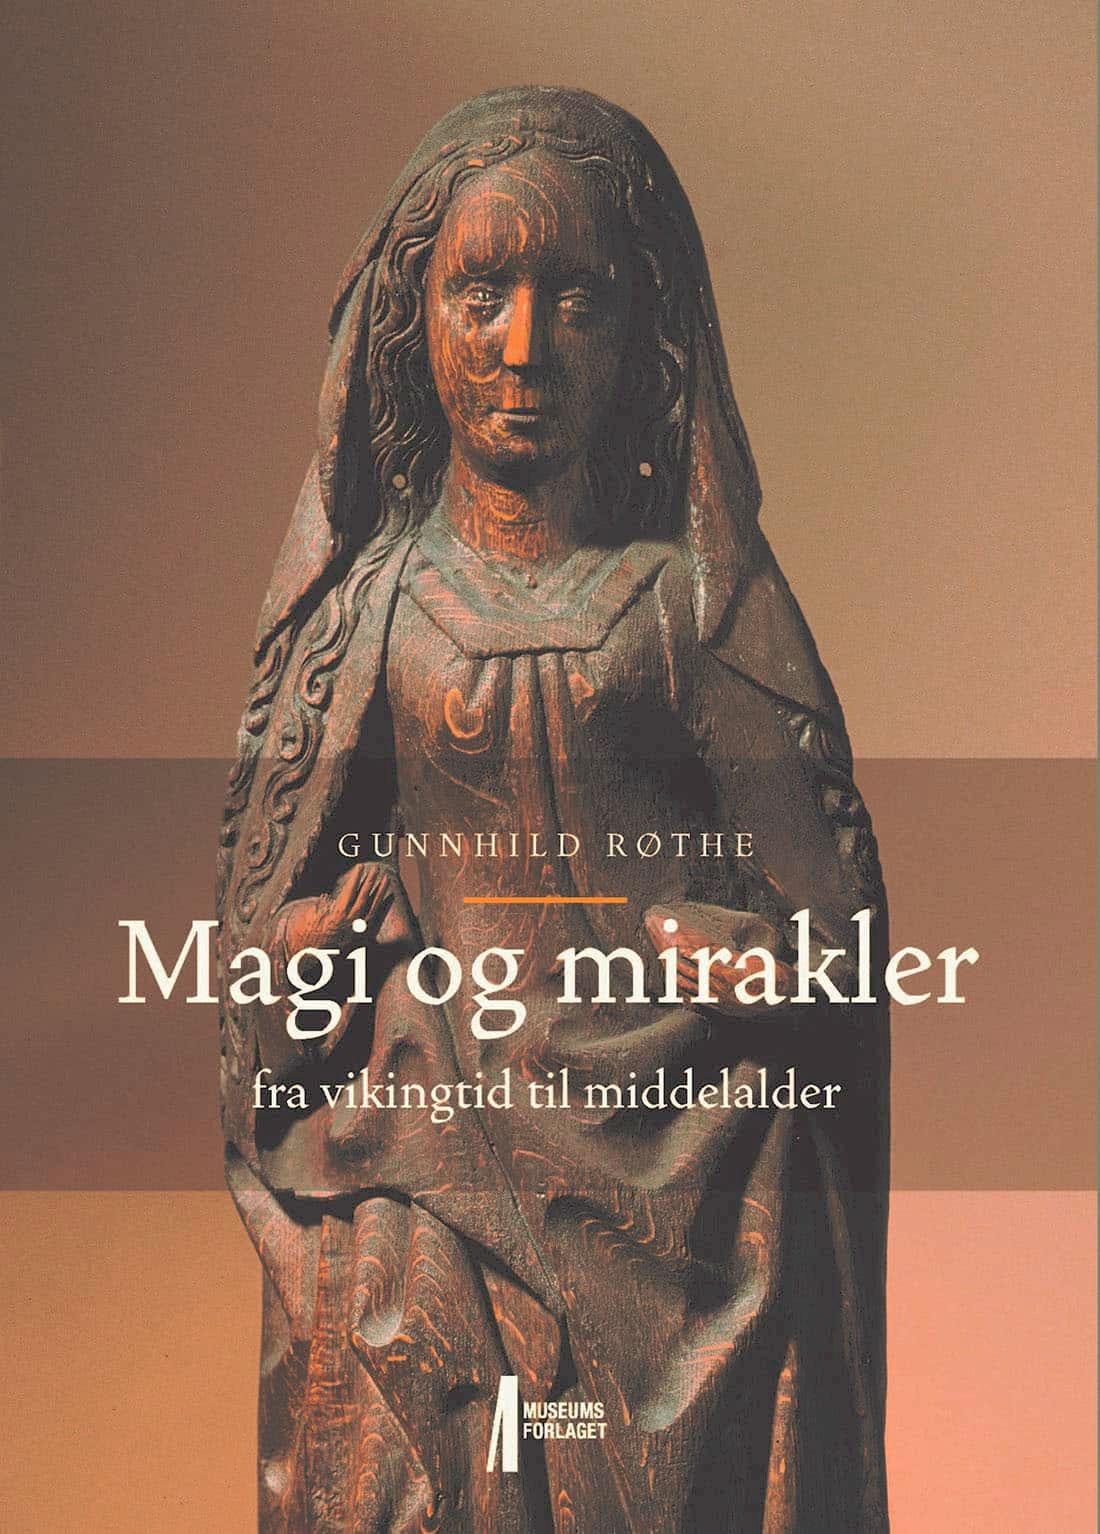 Magi og mirakler fra vikingtid til middelalder